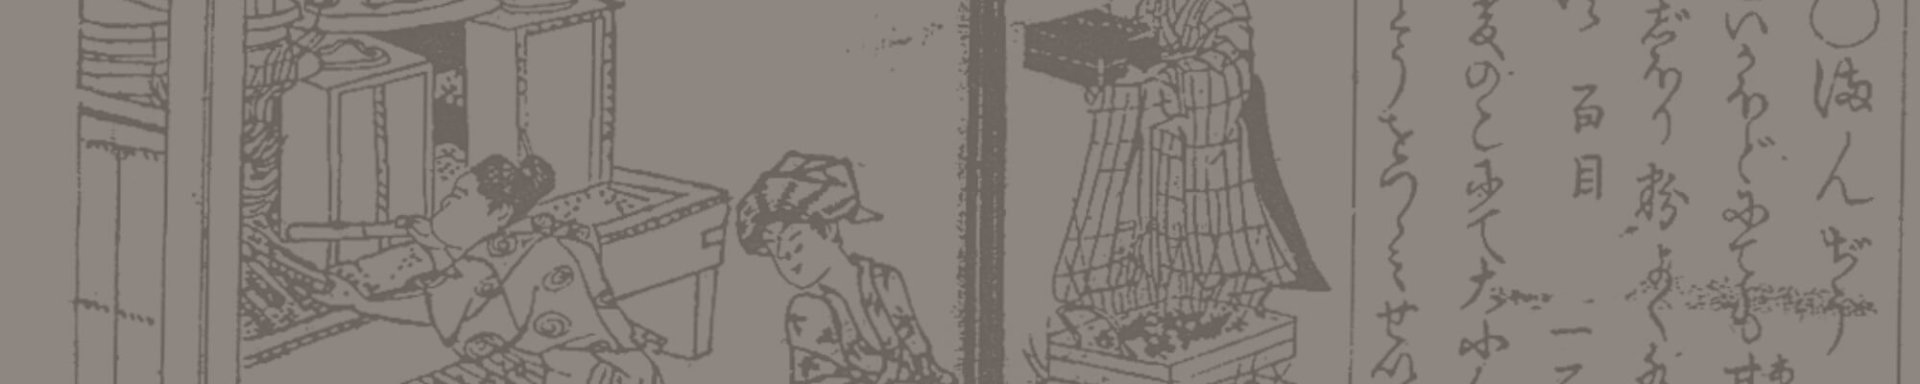 長崎カステラの歴史